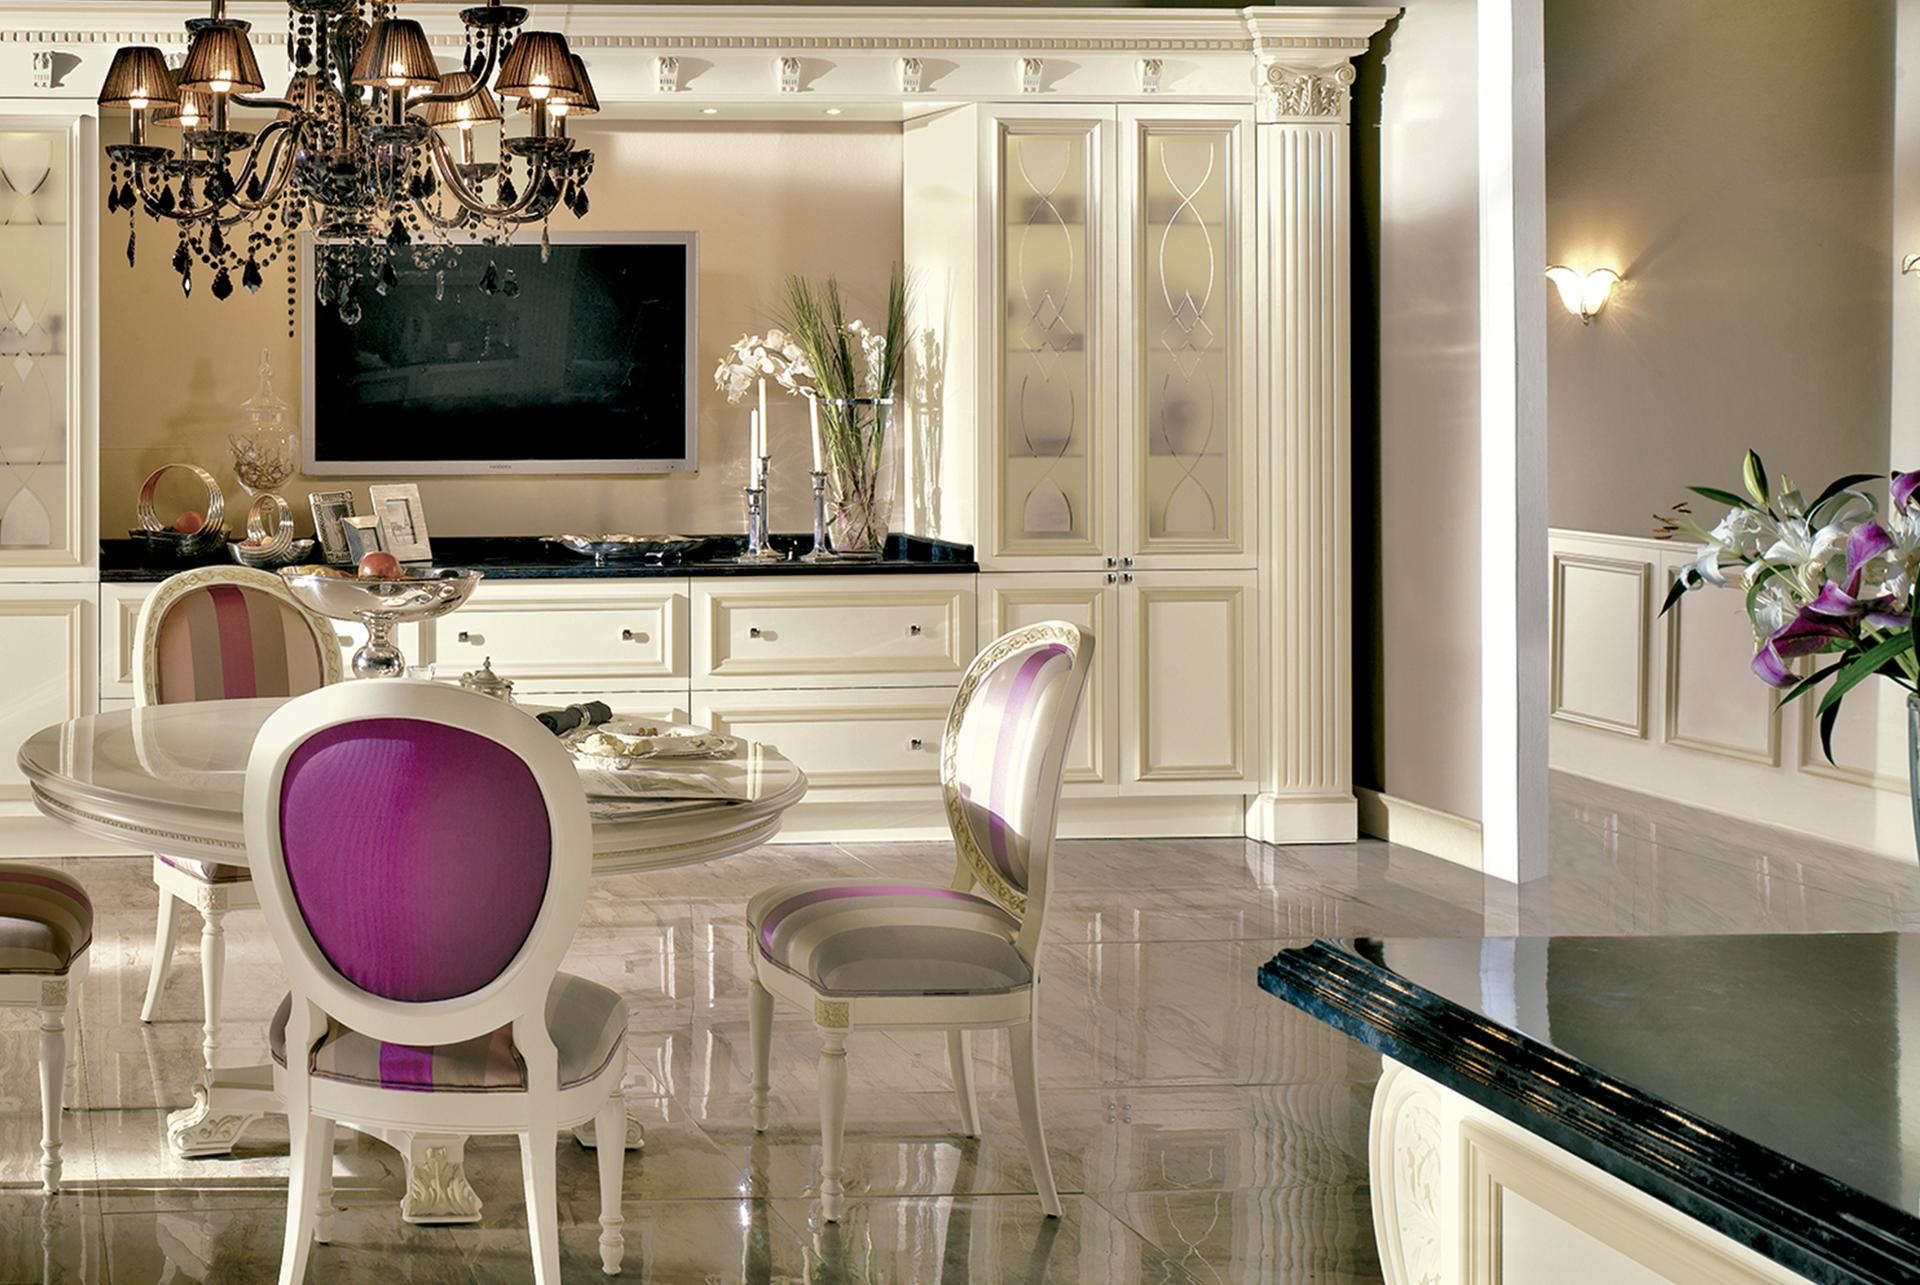 Cocina archivos - Muebles de Lujo Picó - Pico Luxury Furniture